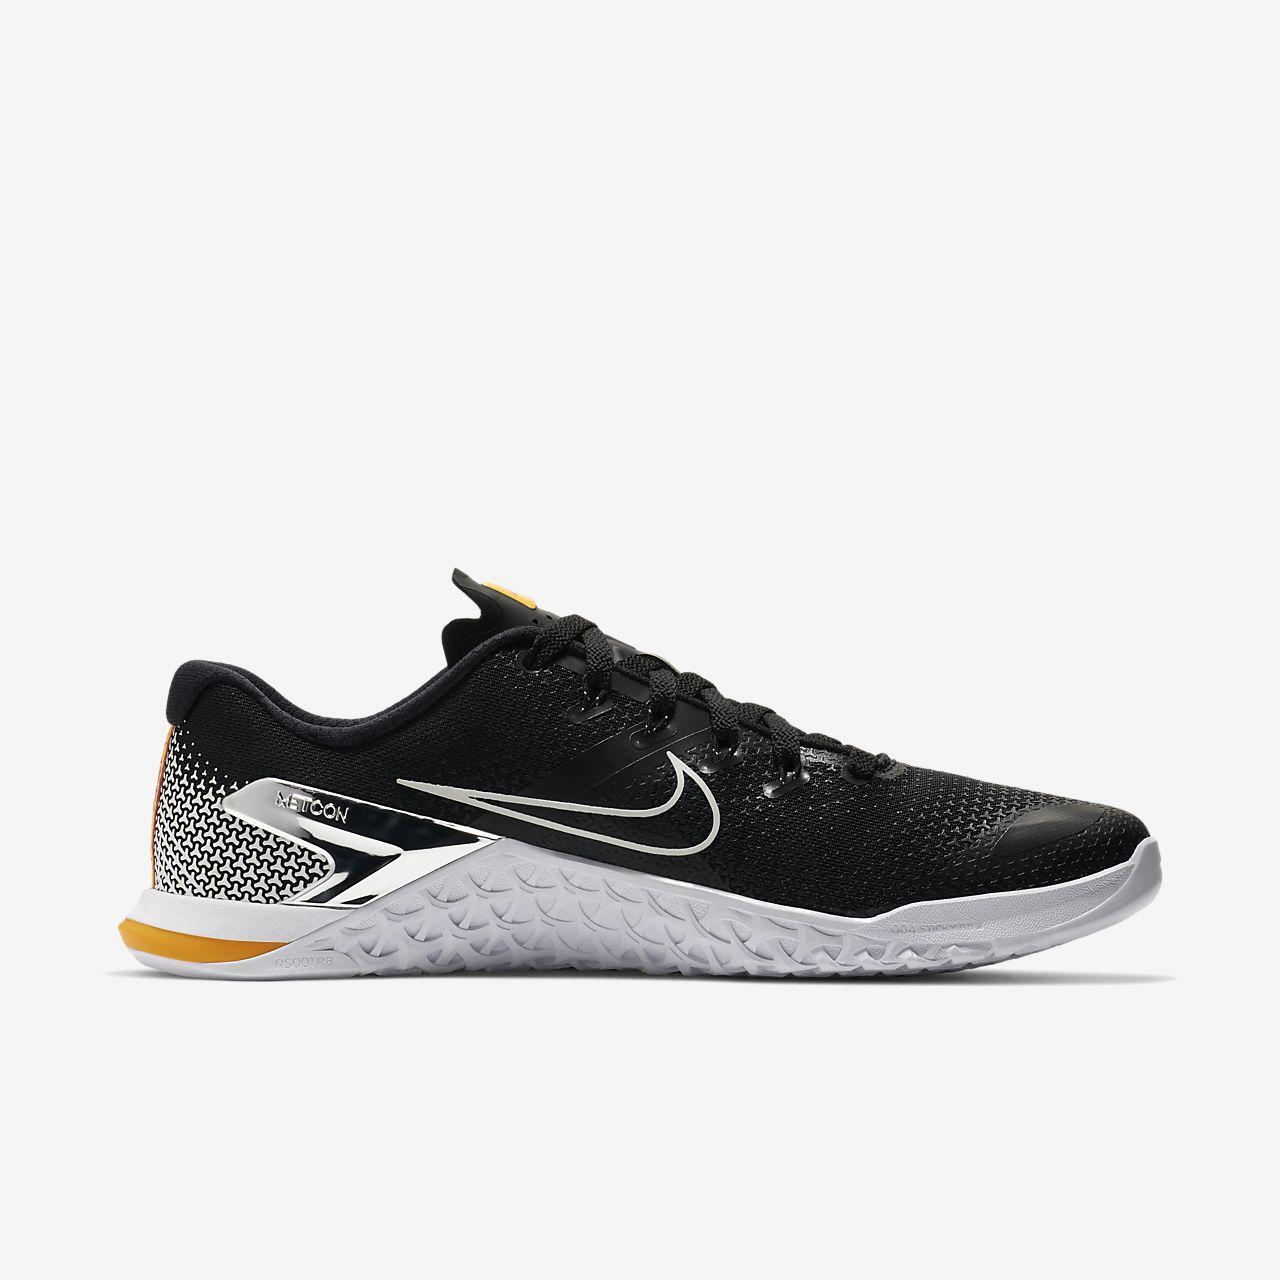 chaussure nike noir et jaune d'oeuf confiture